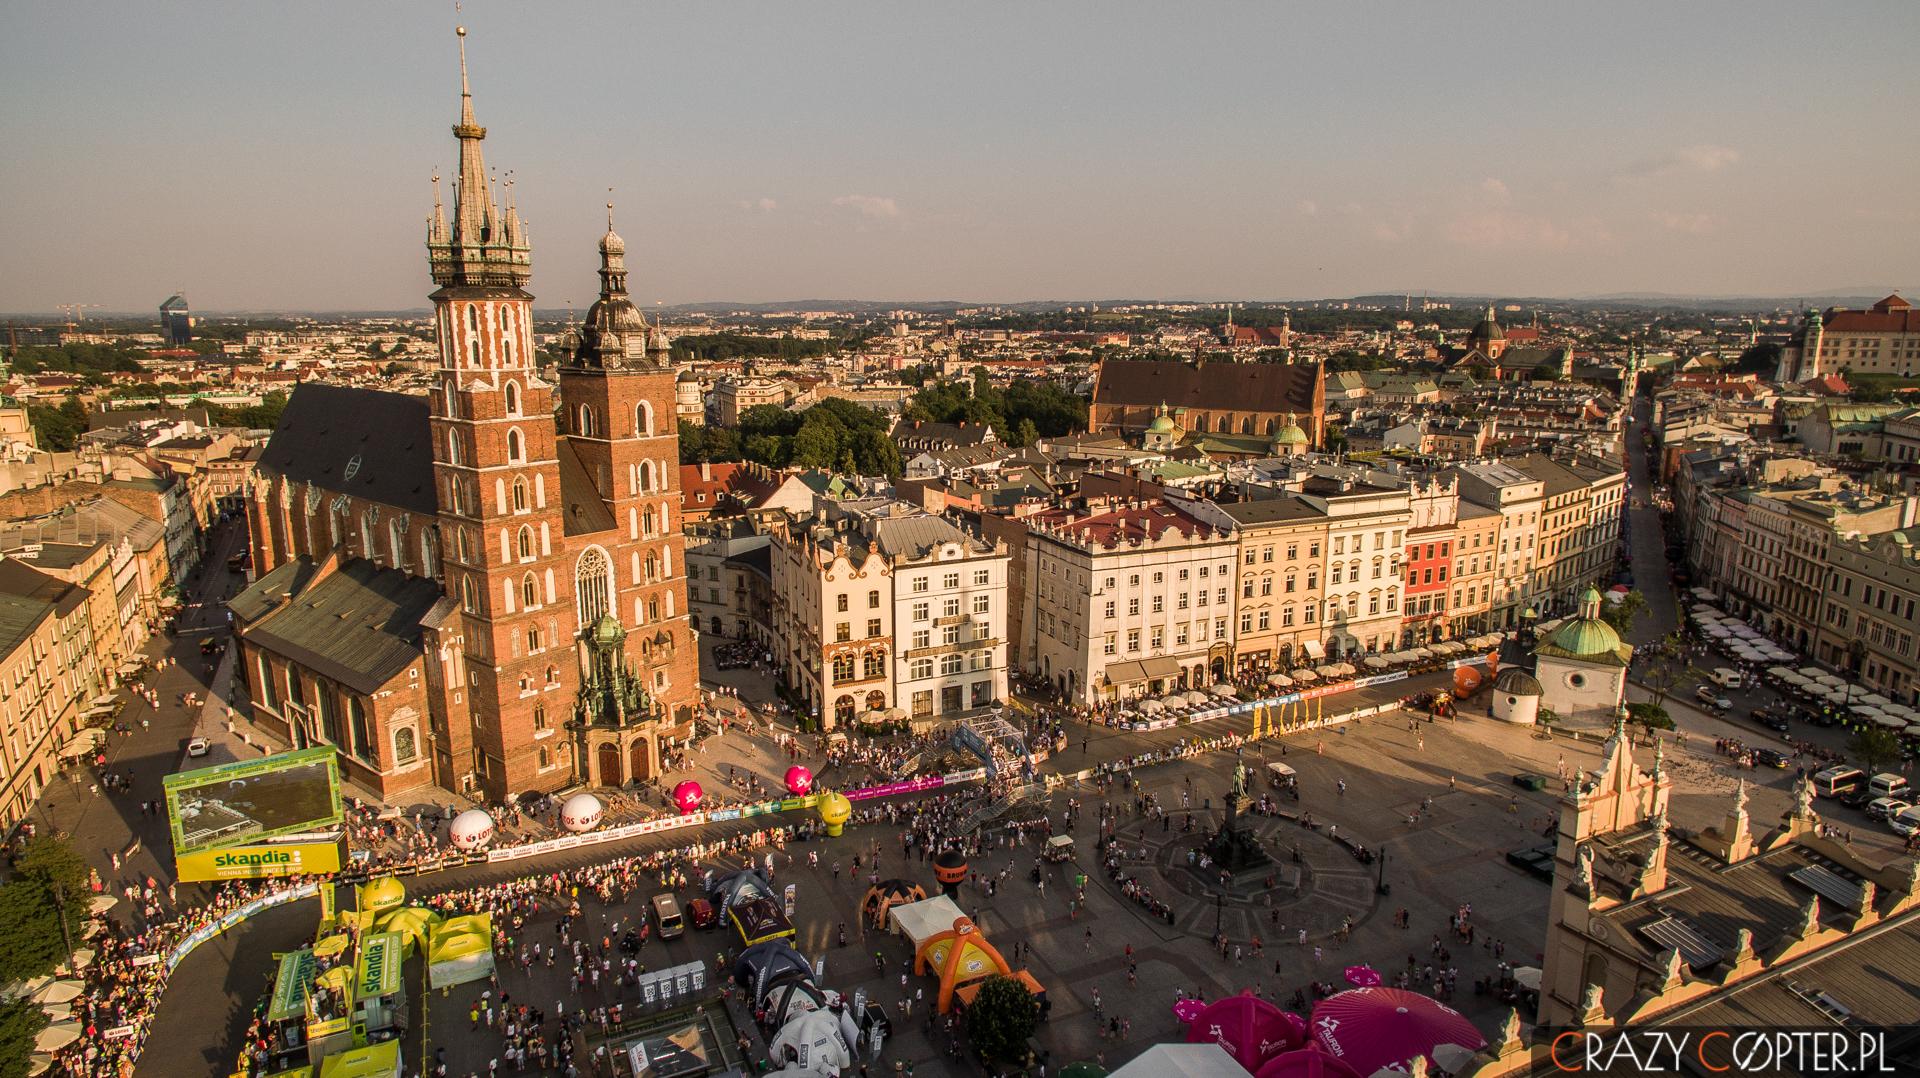 Rynek wKrakowie zdrona - finał Tour de Pologne